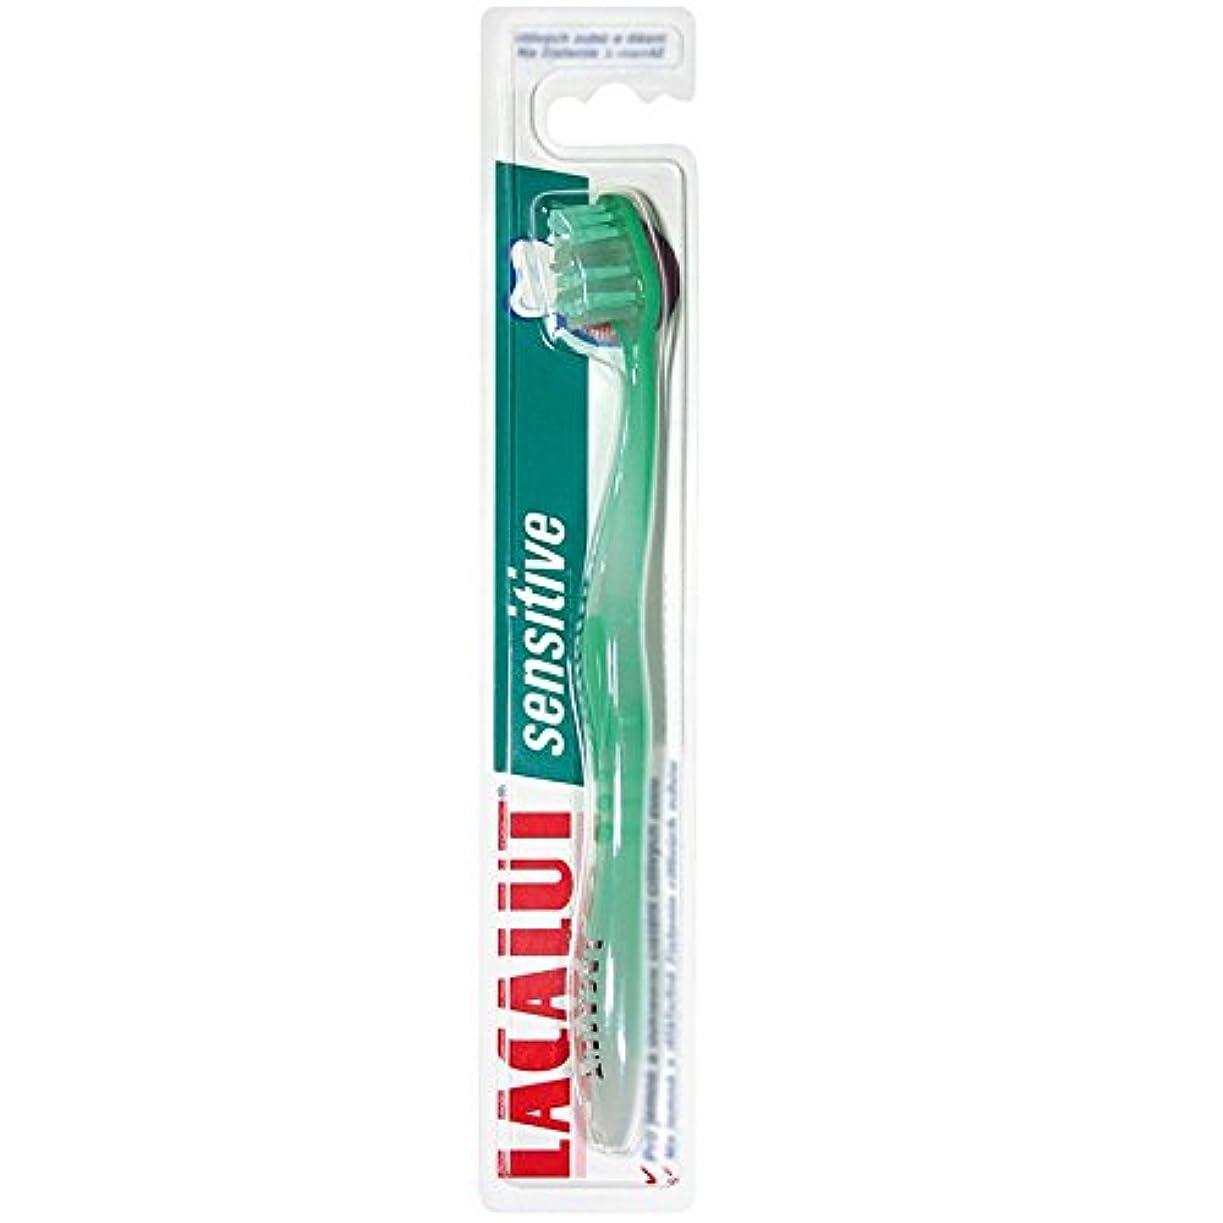 カートエンティティネックレス6本セット Lacalut sensitive toothbrush 歯ブラシ 敏感な歯用【並行輸入品】